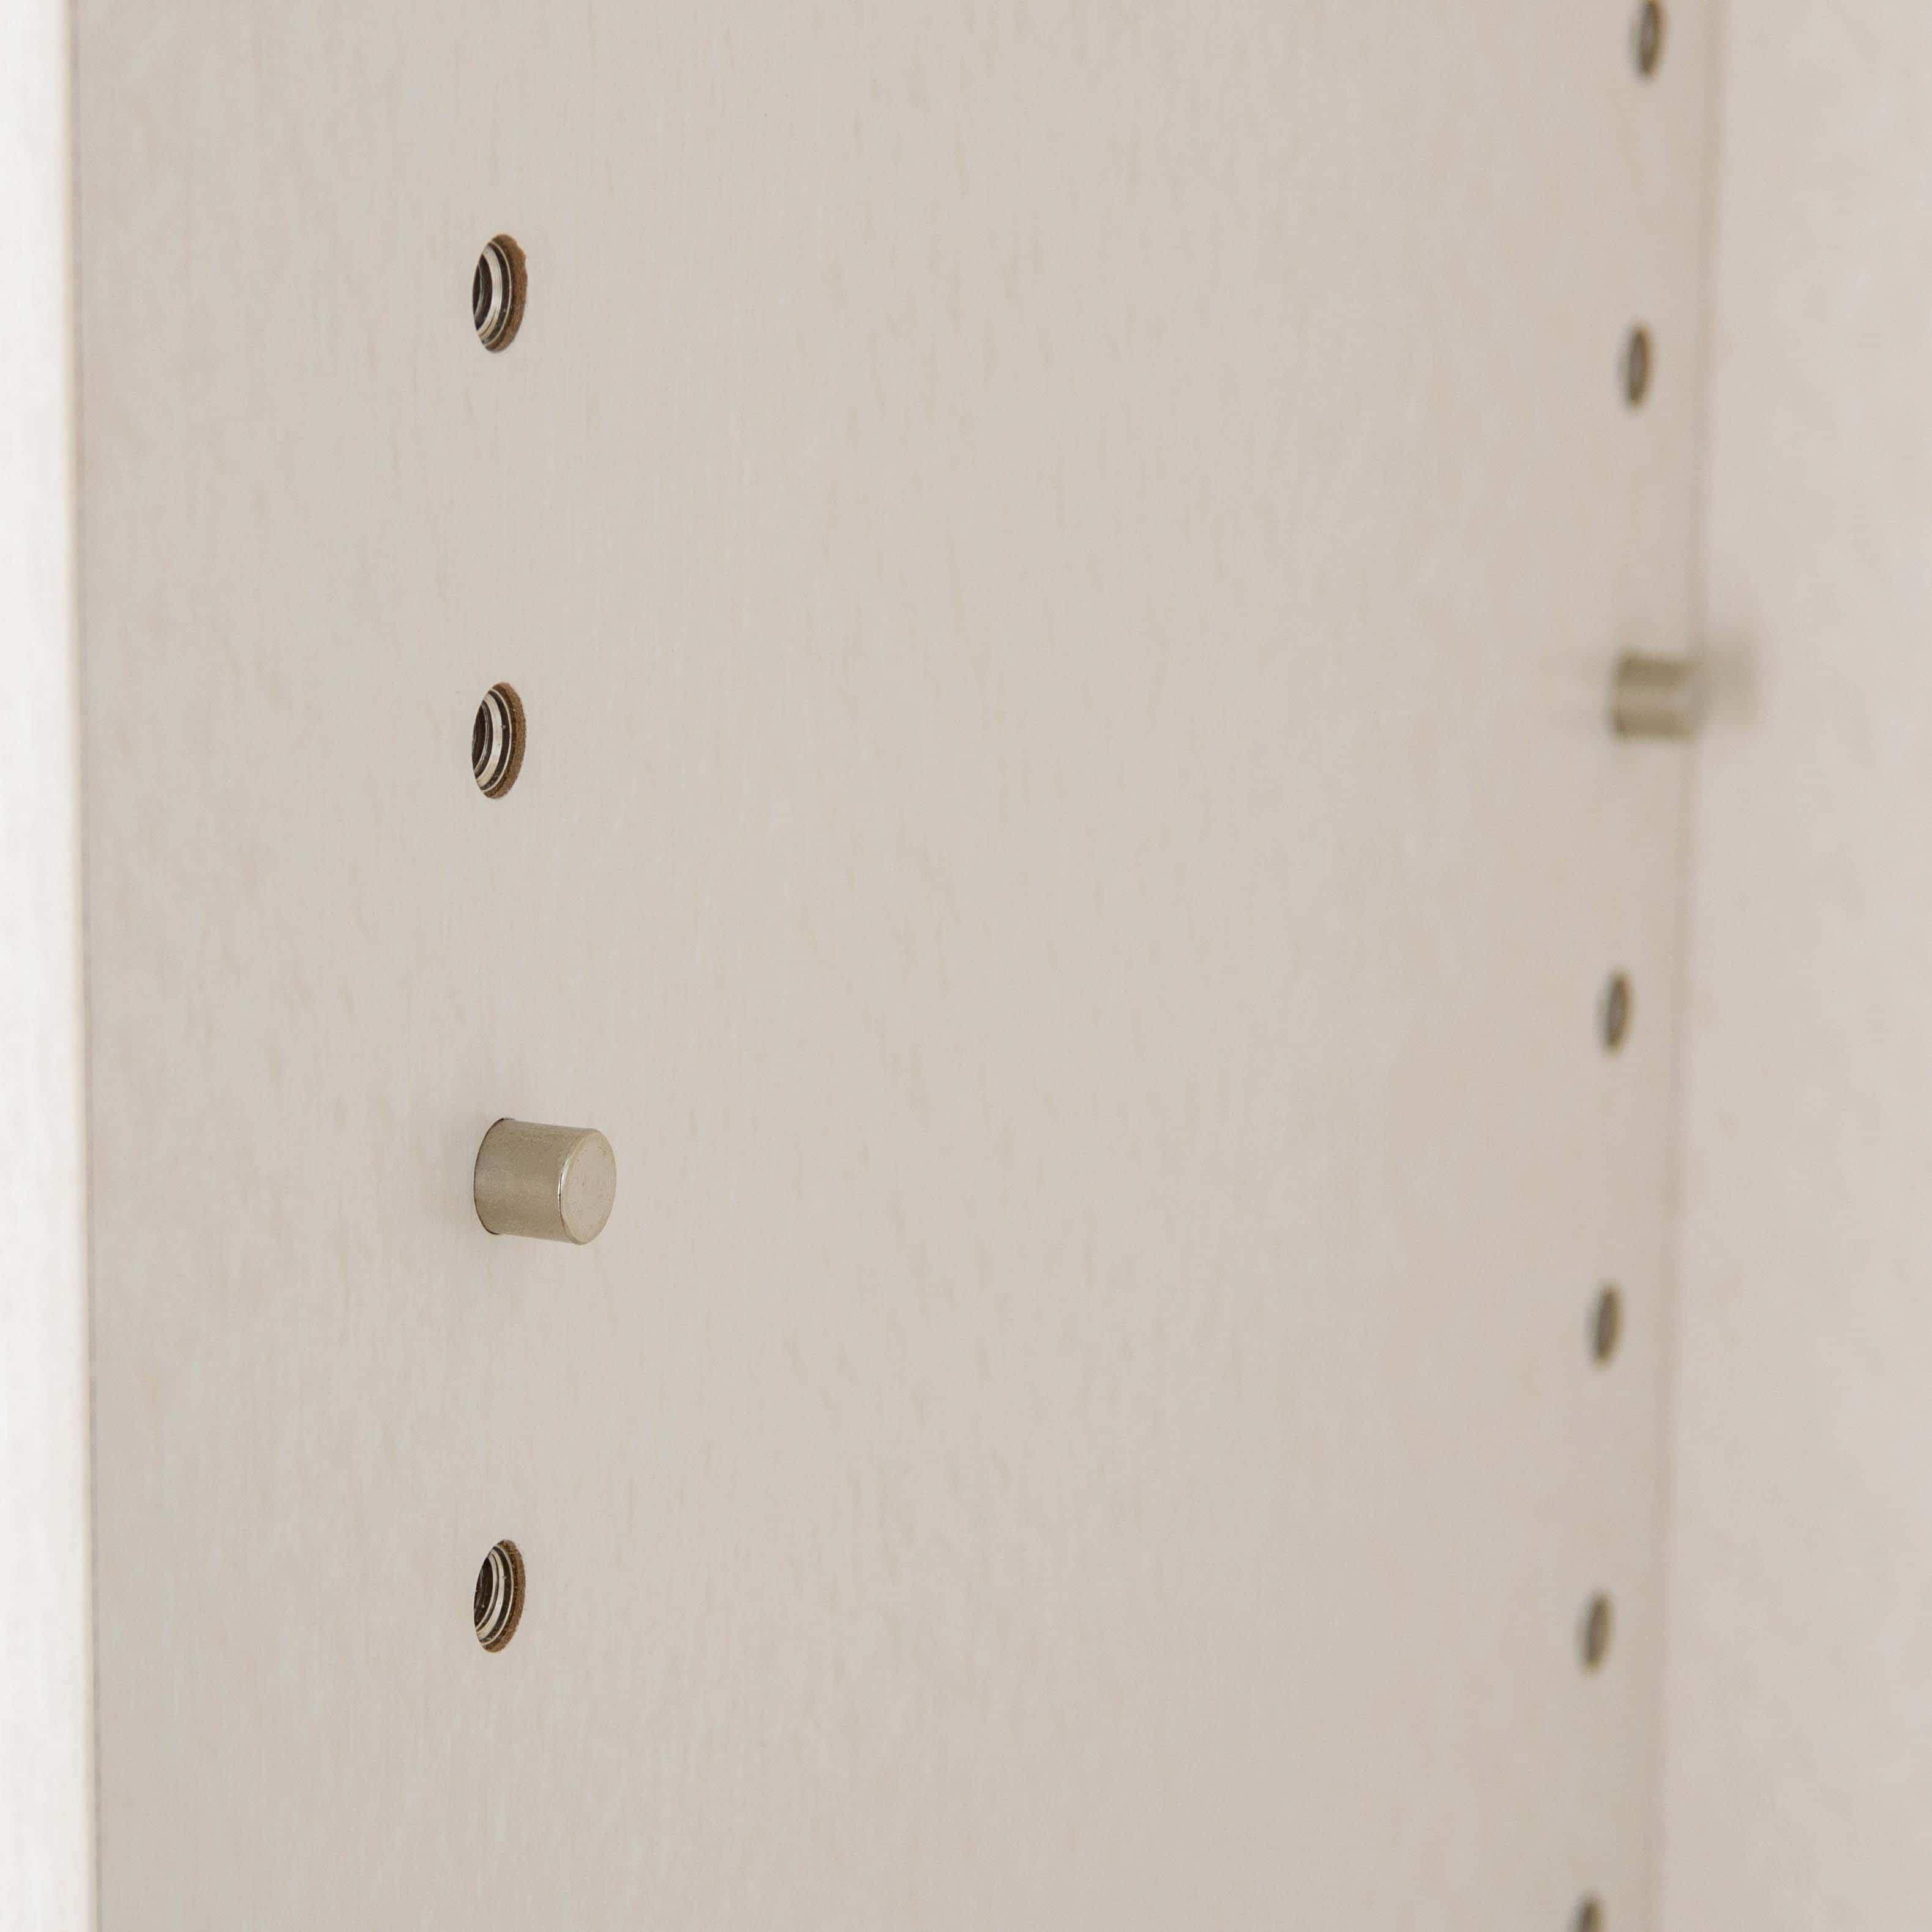 小島工芸 書棚 アコード80H(ウォールモカ):キレイに収まる魅せる収納